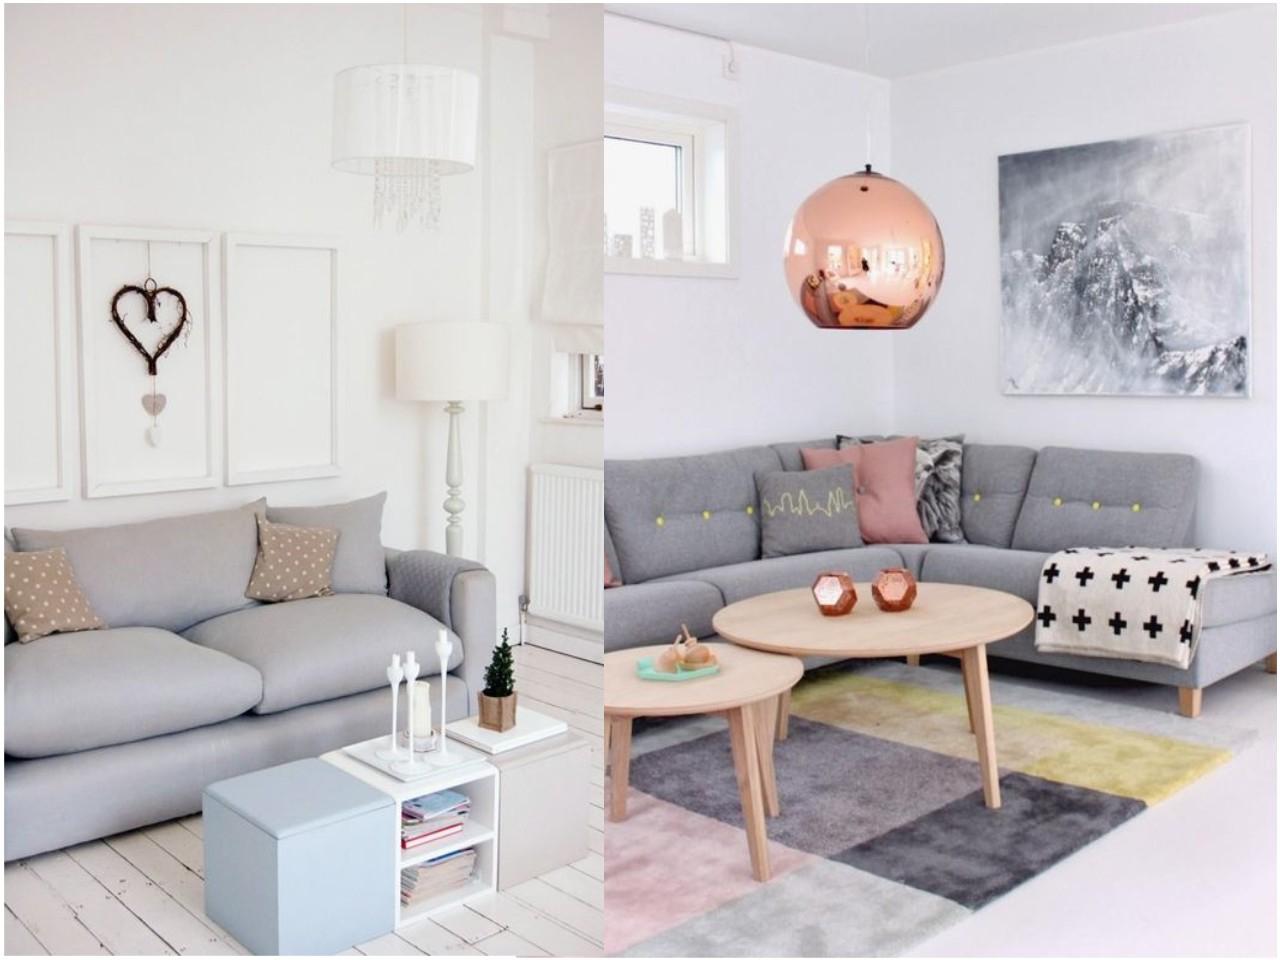 Sofa Gris Oscuro H9d9 Apaºntate A La Decoracia N En Color Gris